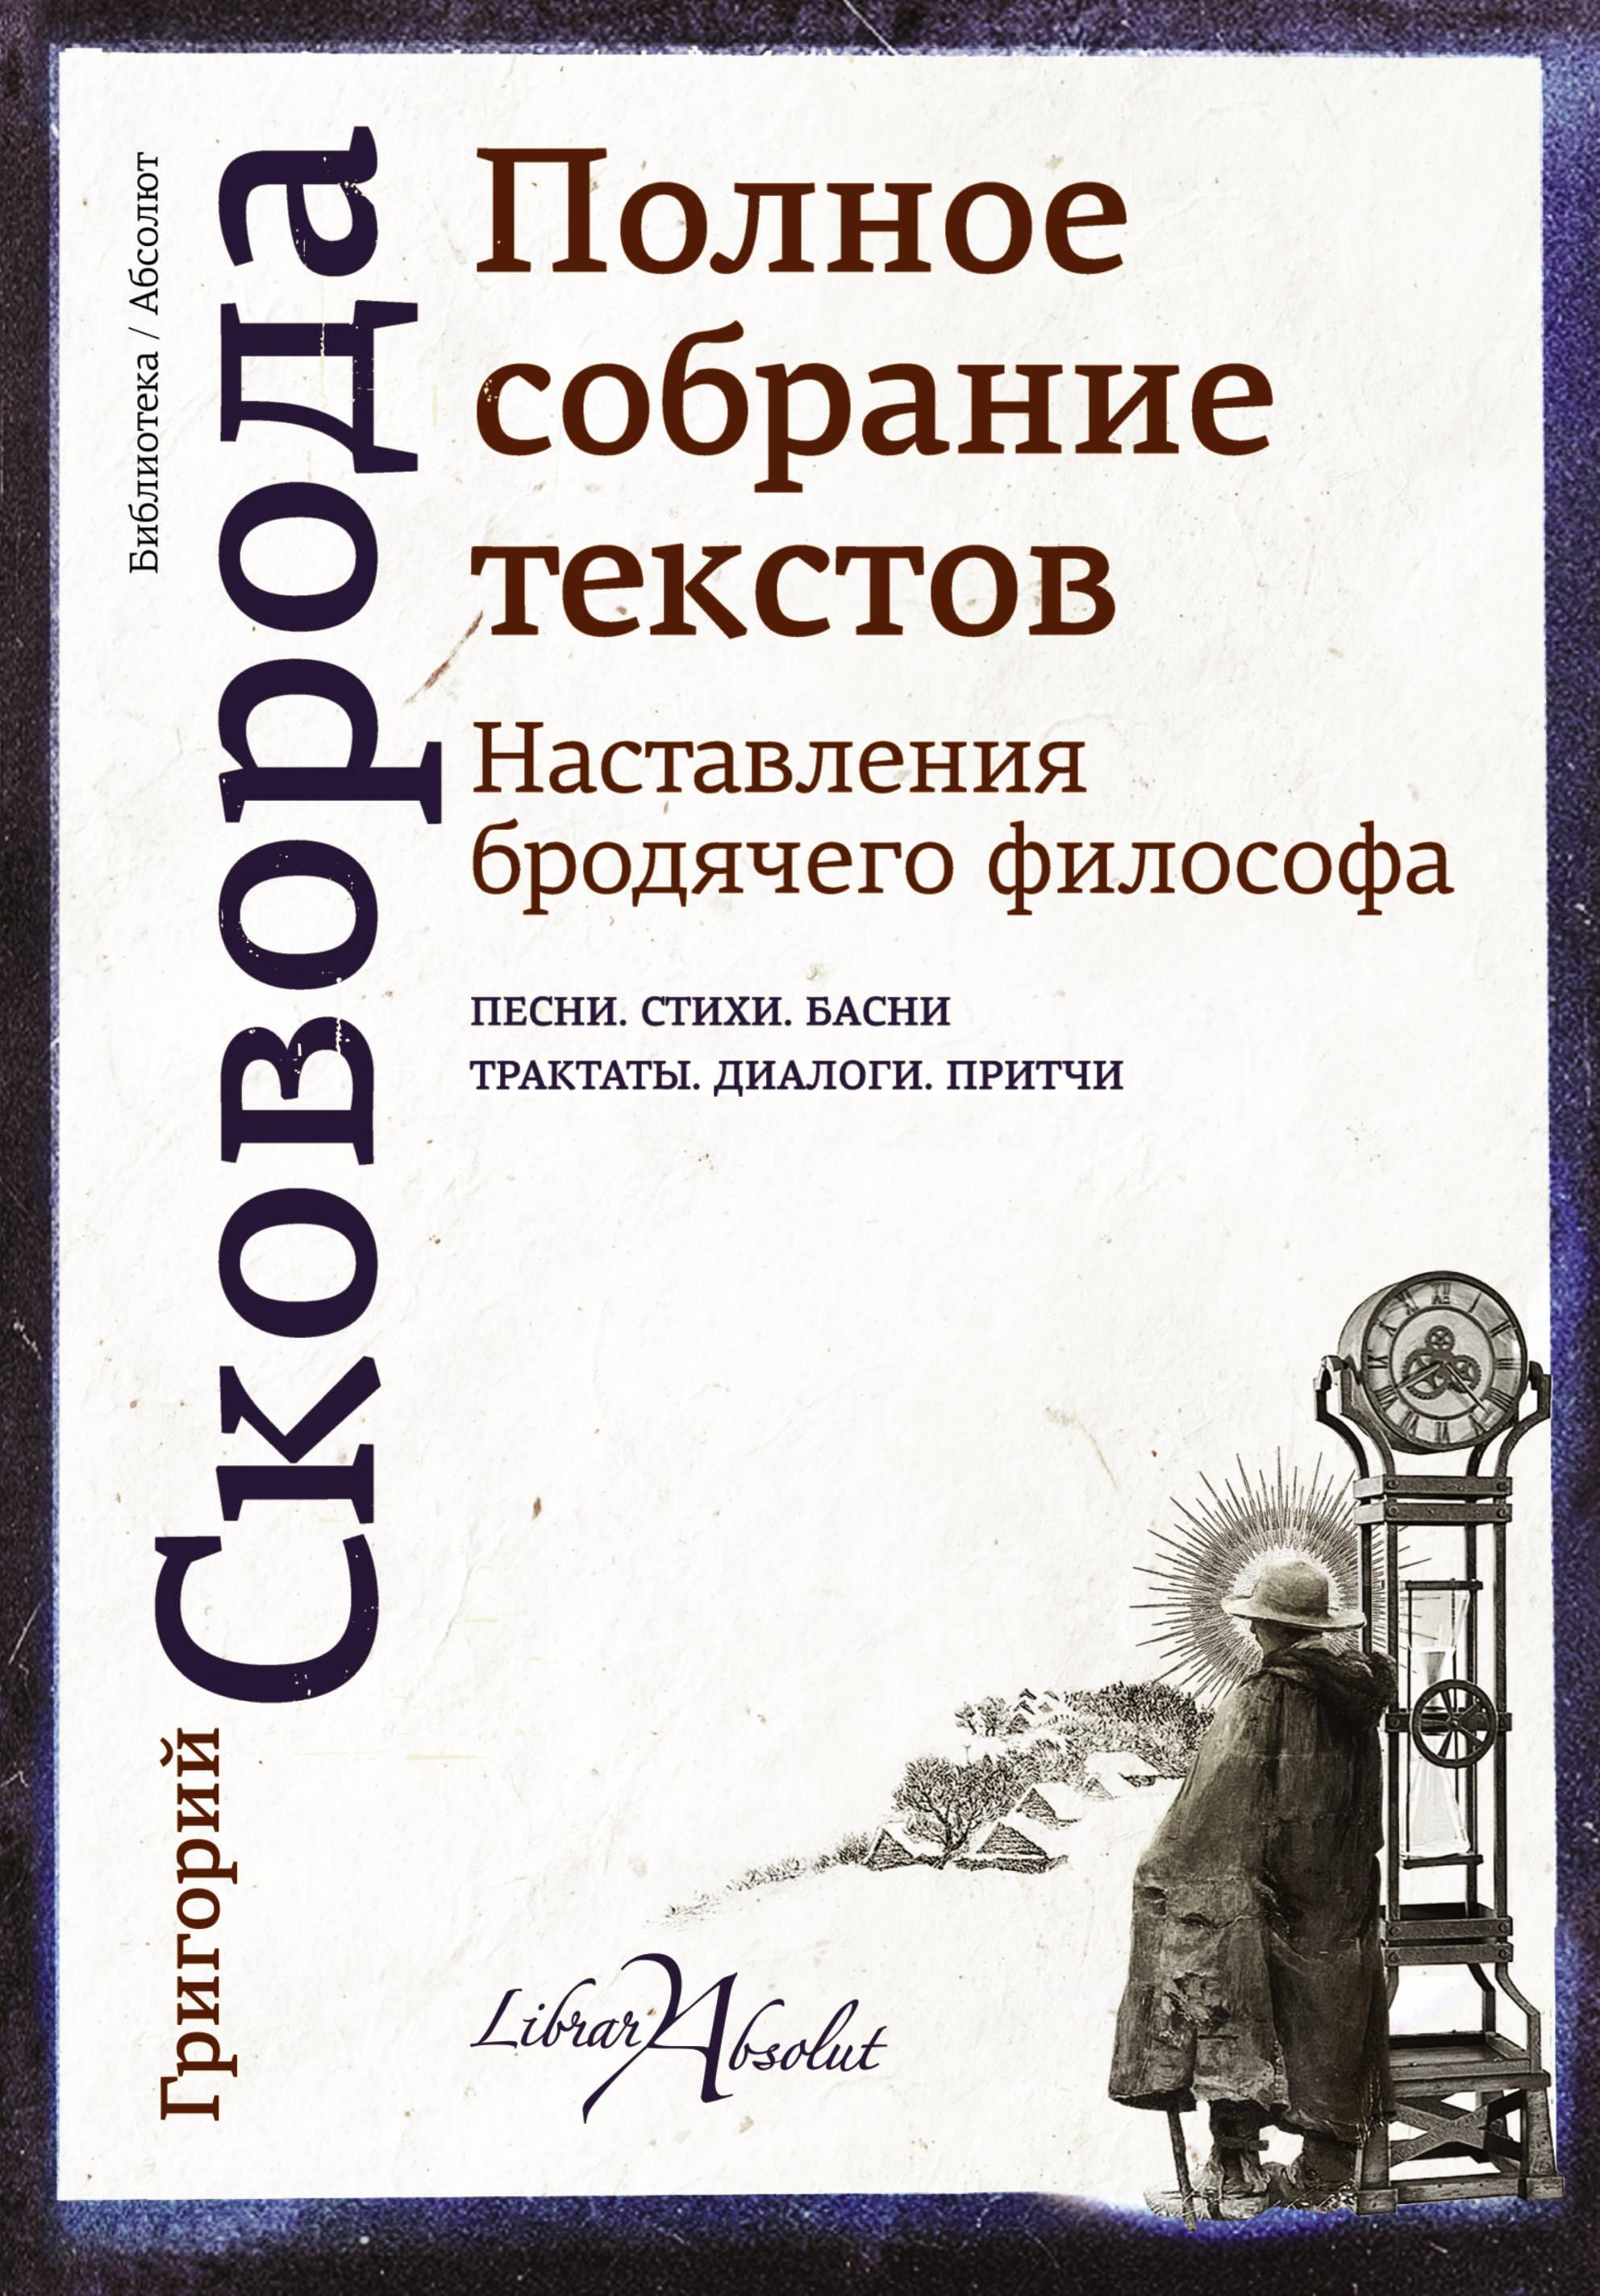 Наставления бродячего философа. Полное собрание текстов ( Сковорода Г.С.  )